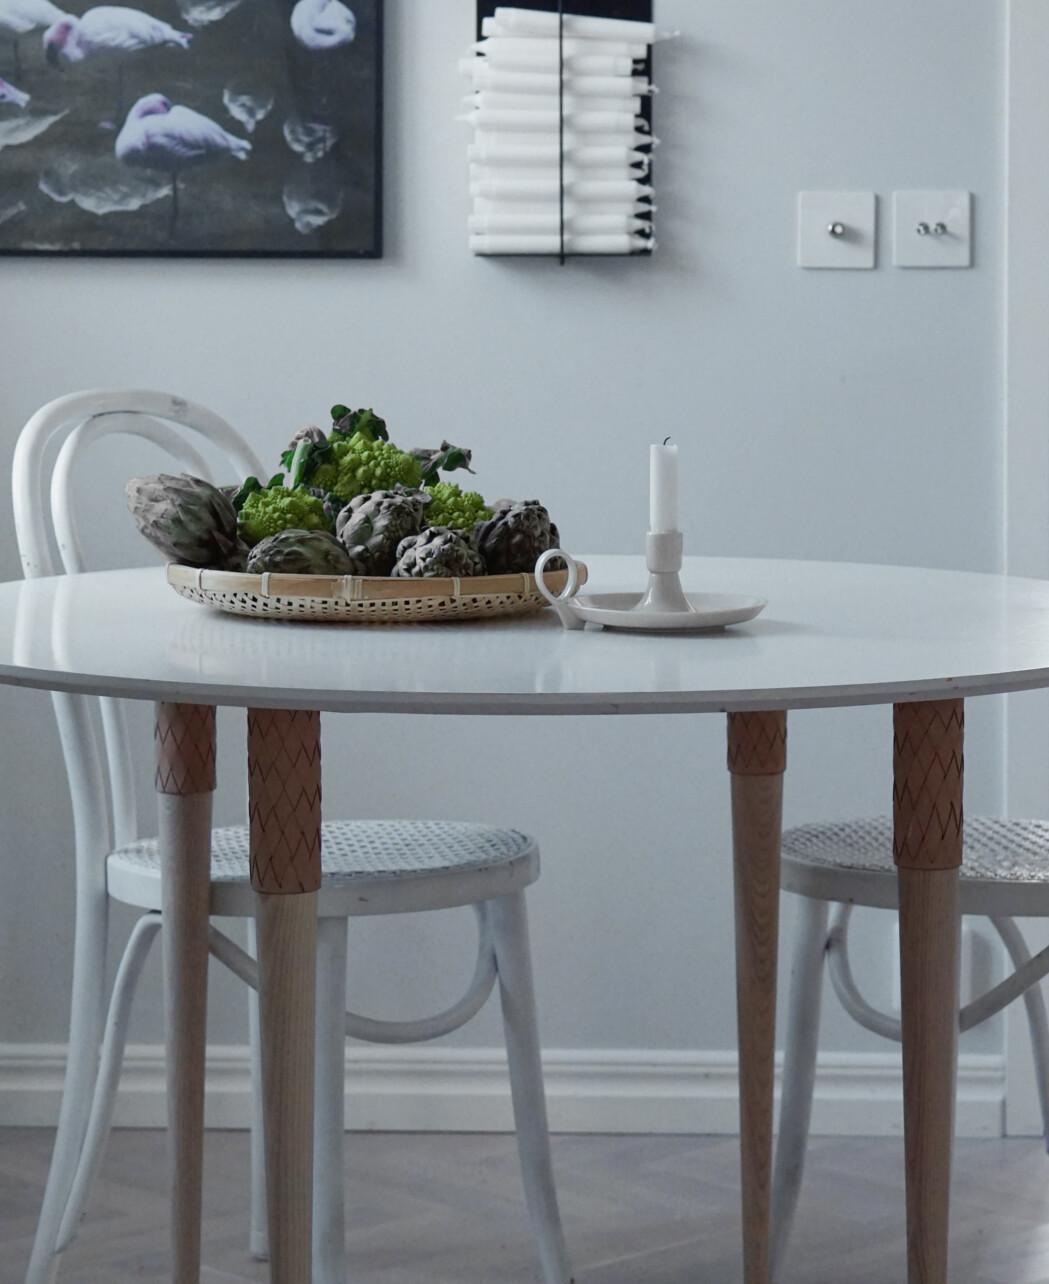 Achetez Pieds De Table Modernes Pour Ikea Prettypegs